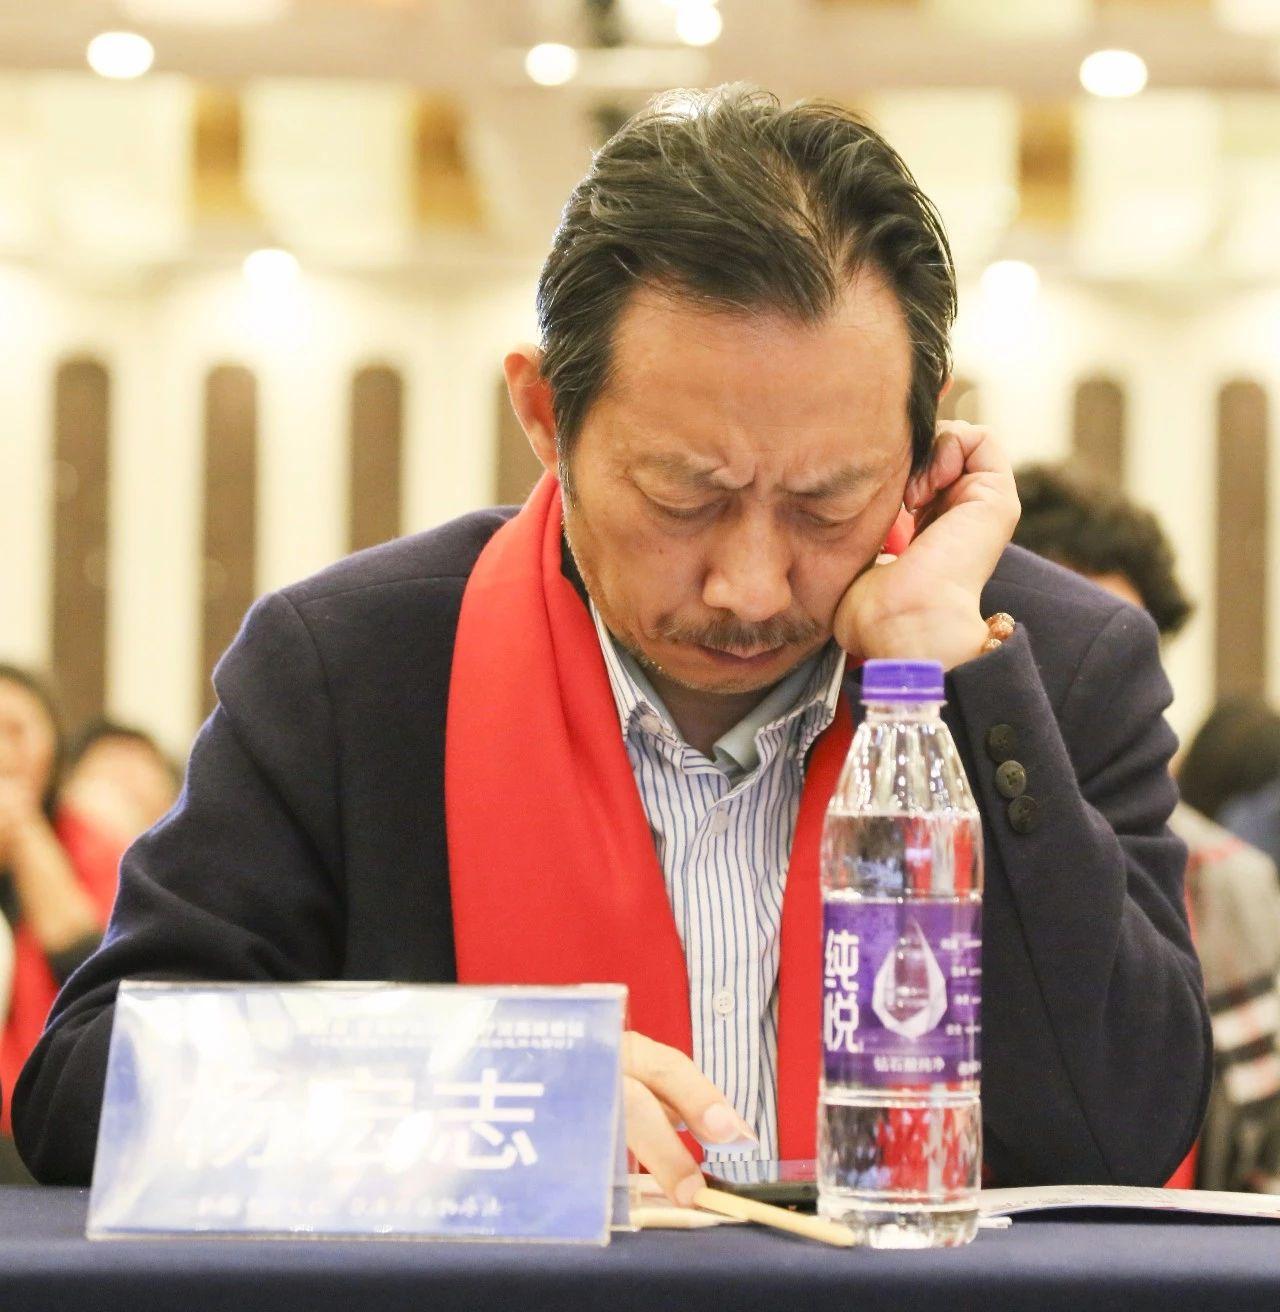 中医非药物疗法在慢性病管理中的应用与探讨:中医非药物疗法高峰论坛李明博士学术演讲